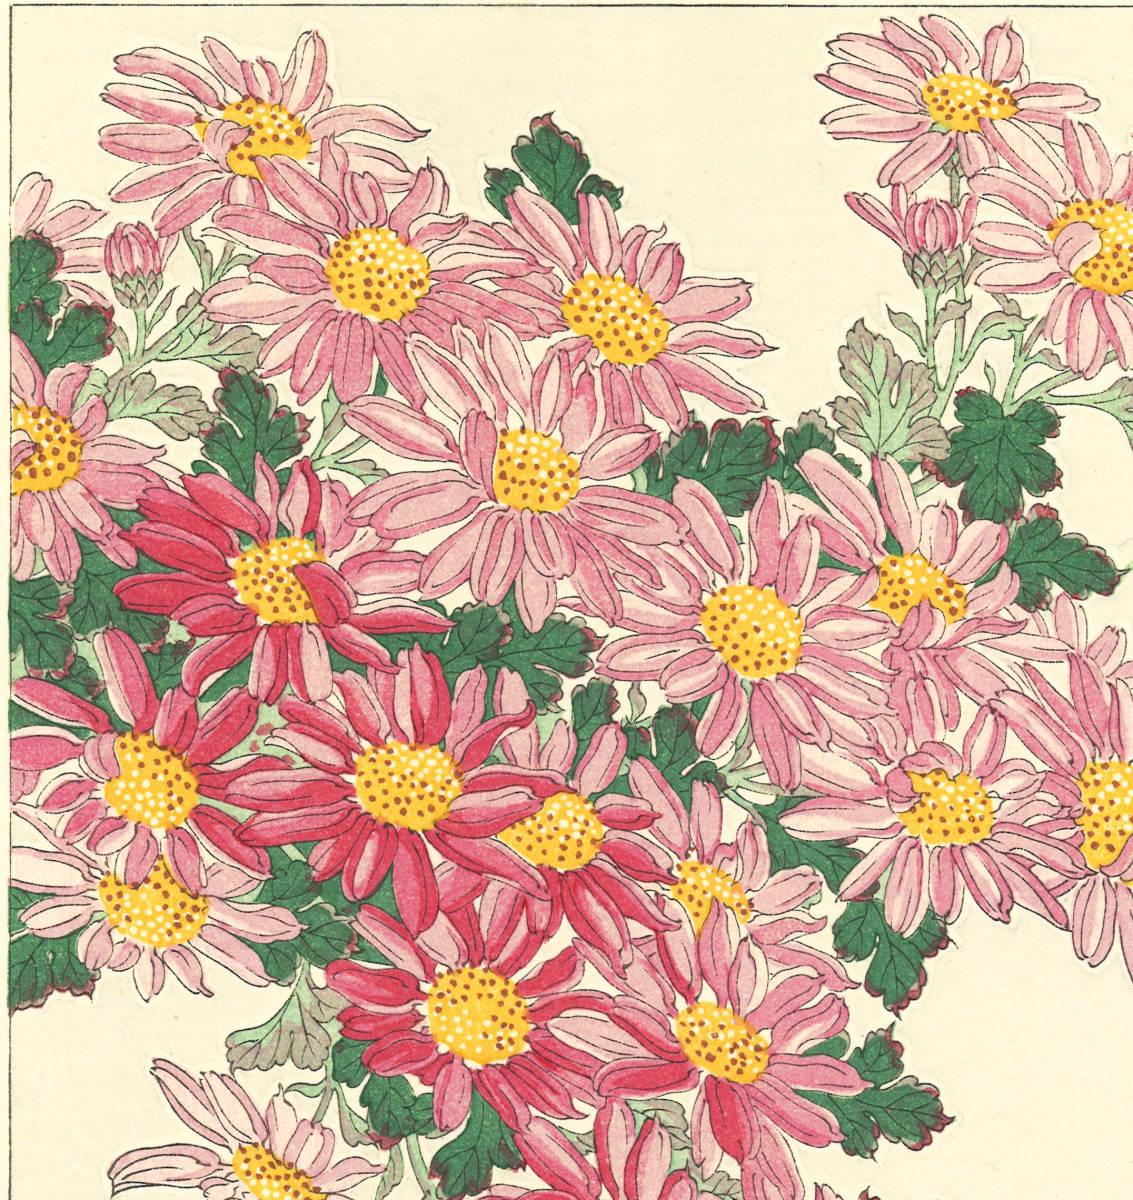 河原崎奨堂 (Kawarazaki Shodo) (1899~1973)木版画 F036 菊 花版画(Chrysanthemum)初版昭和初期~京都の一流の摺師の技をご堪能下さい_画像9